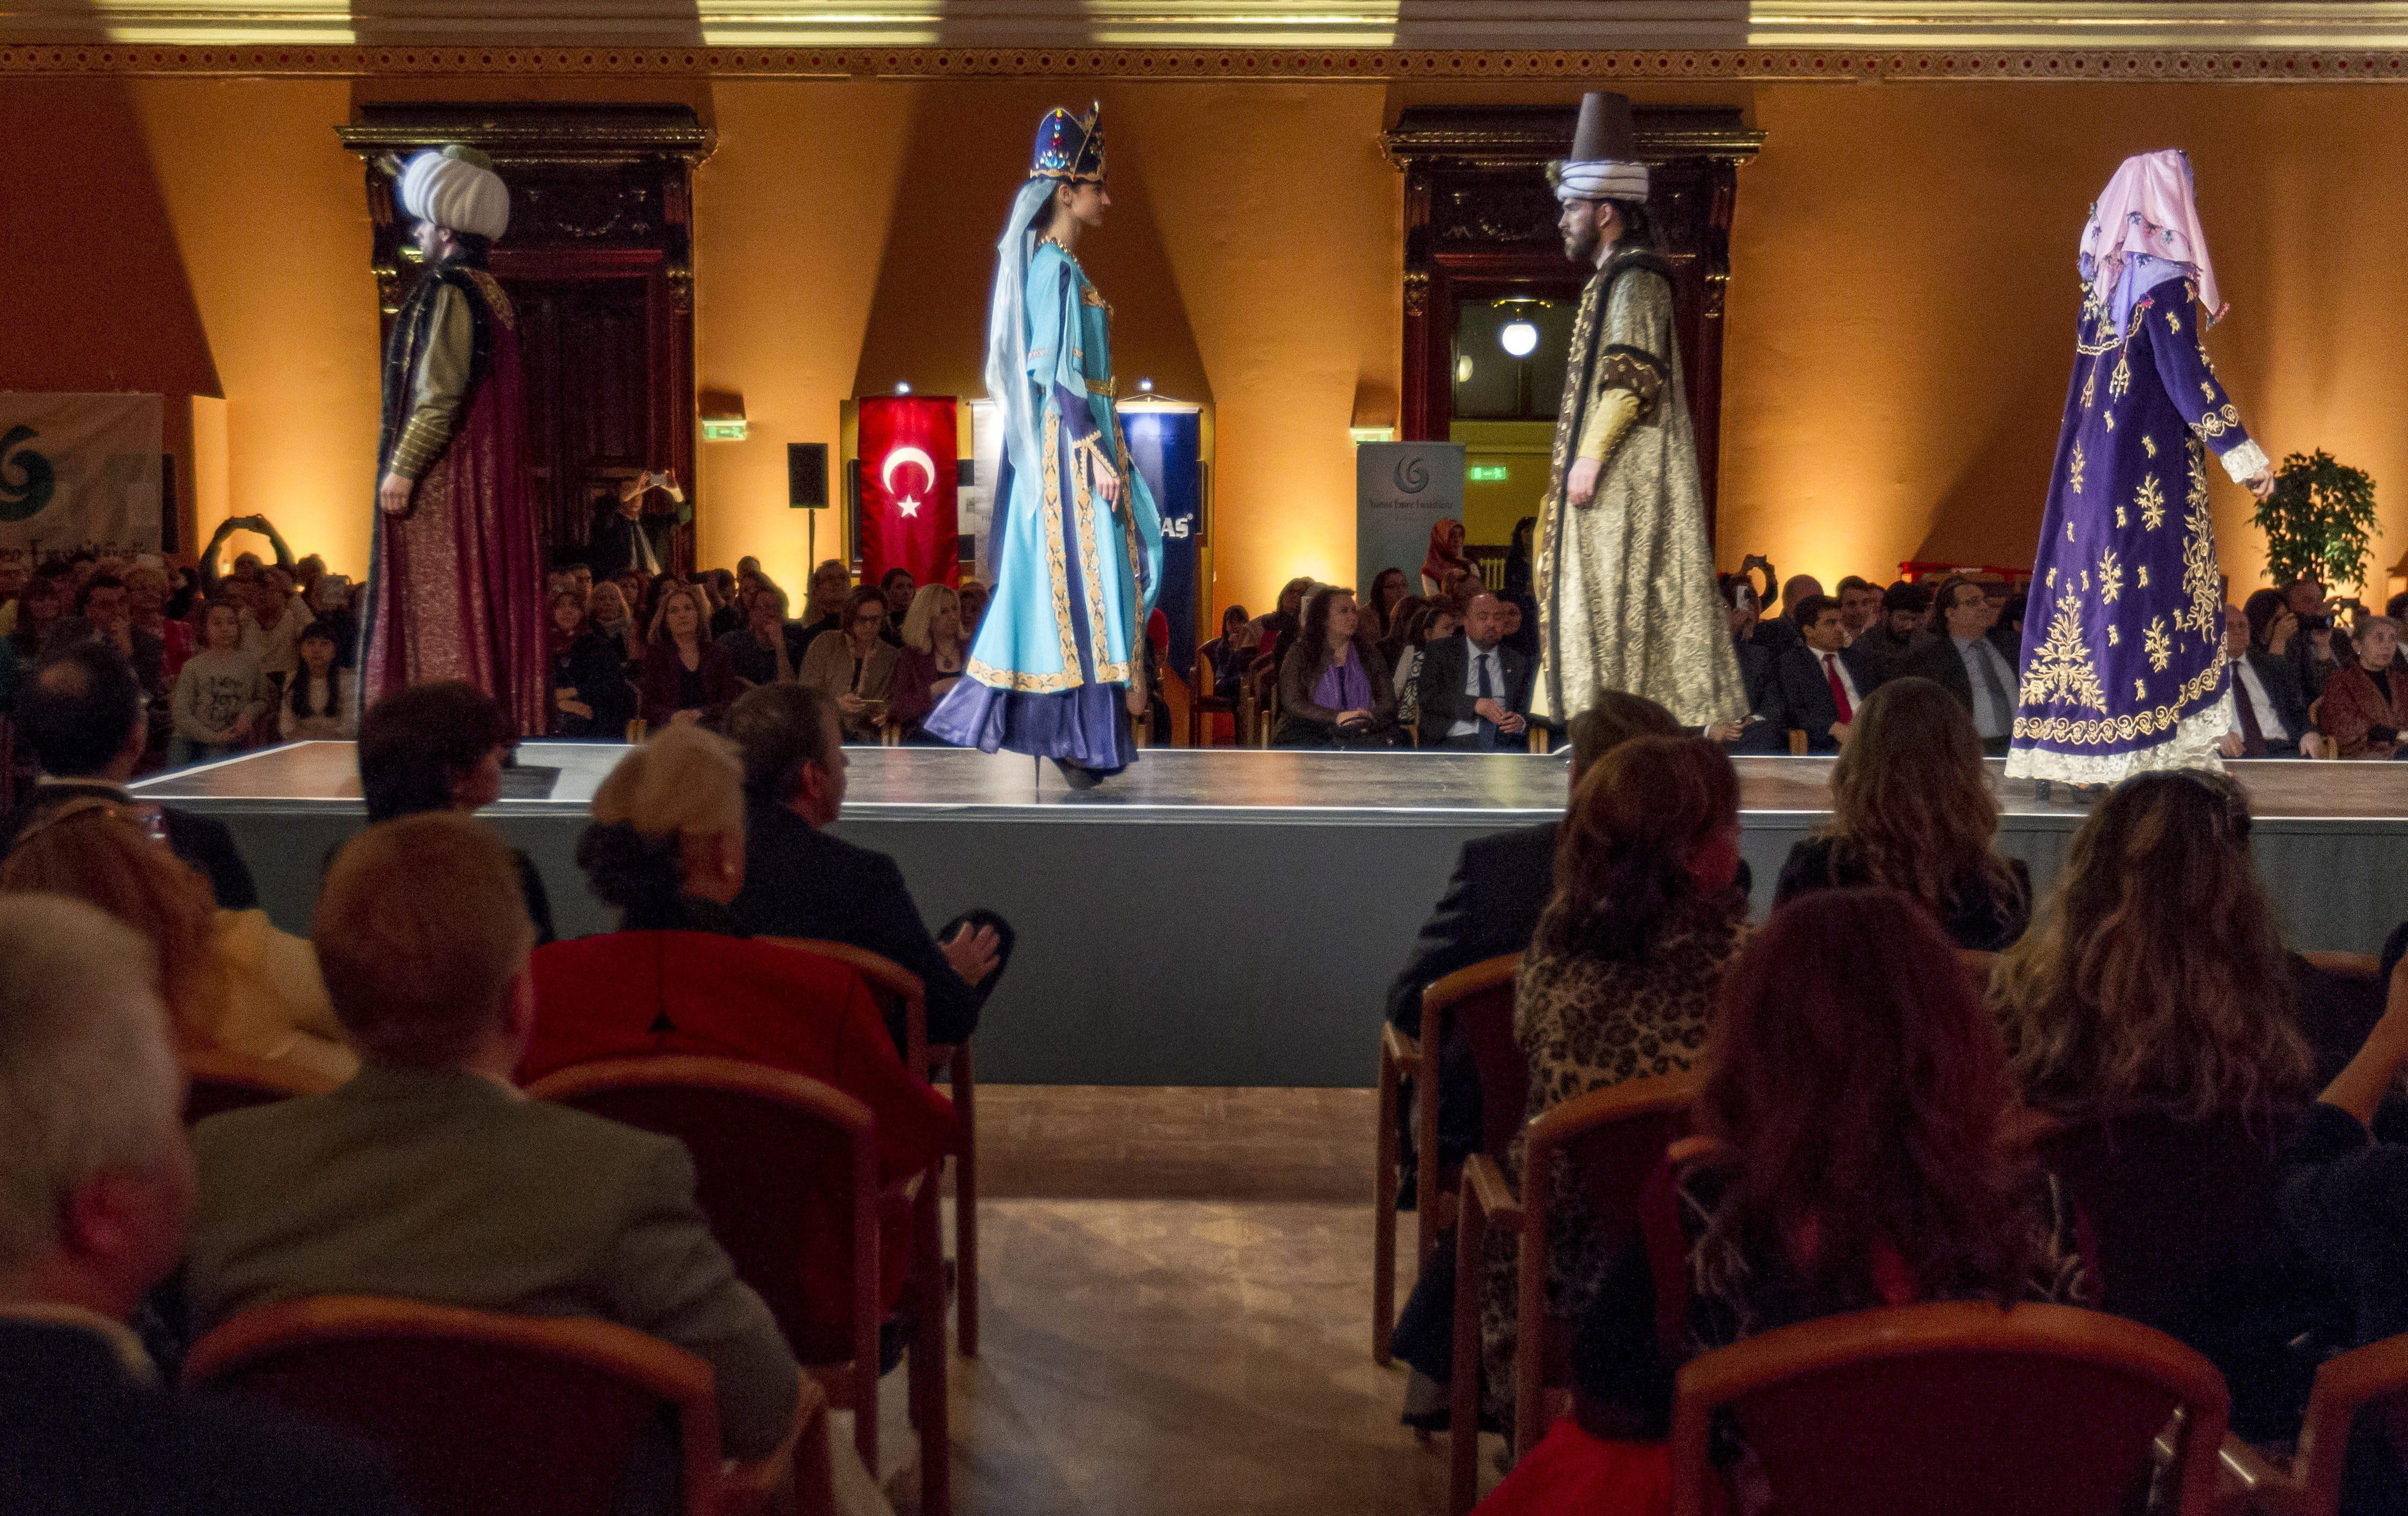 Oszmán divatbemutatót rendezett Budapesten a Török Kulturális Központ